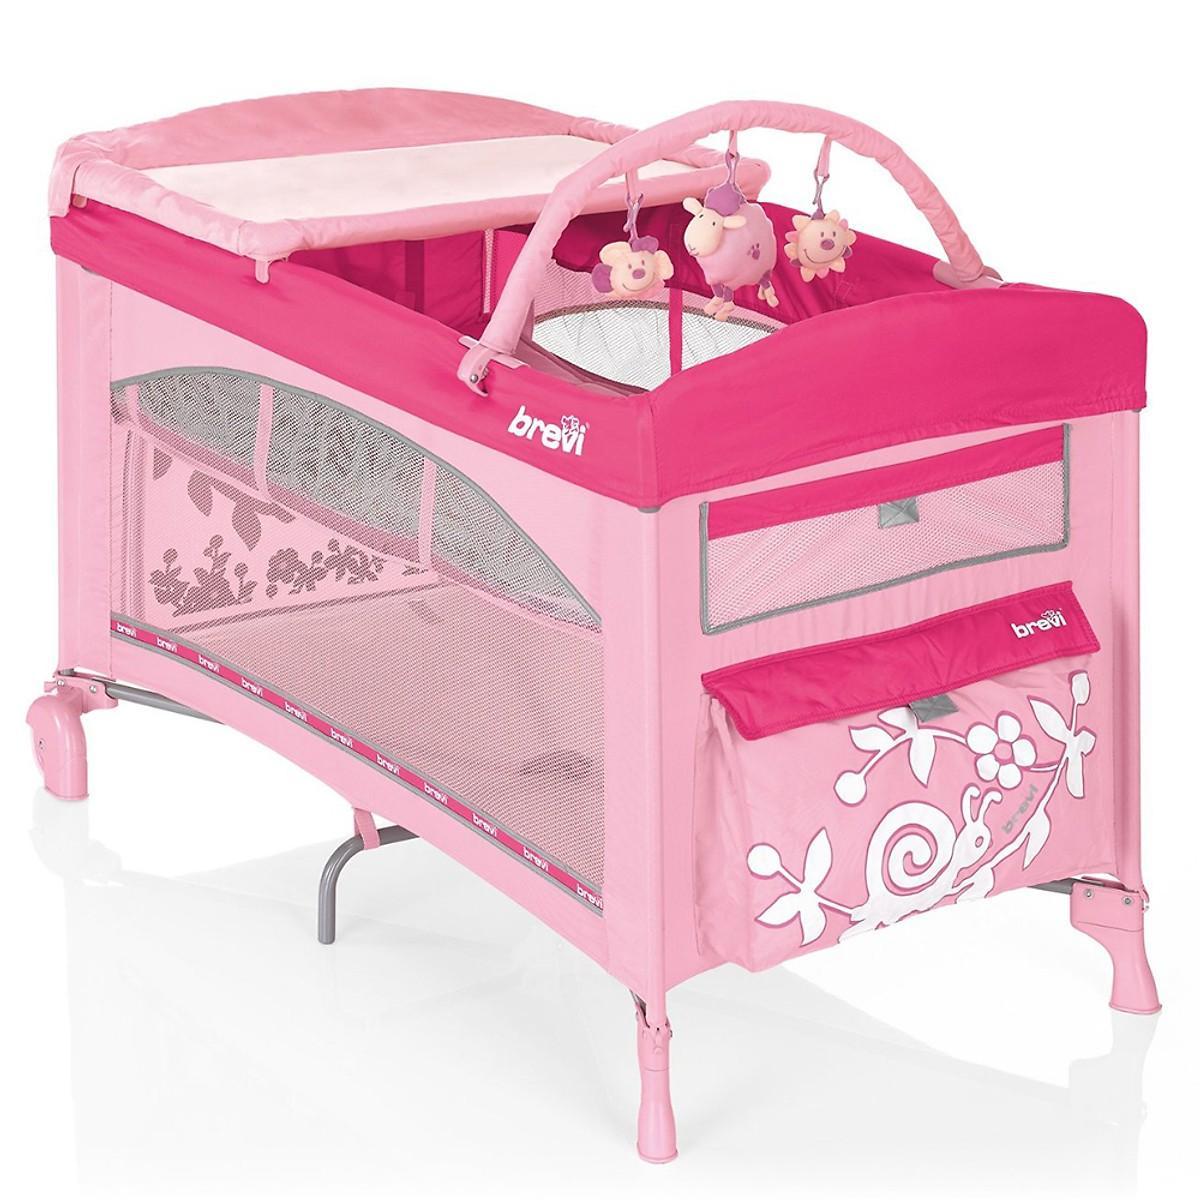 nôi ngủ du lịch cho bé brevi DOLCE SOGNO 850 màu hồng